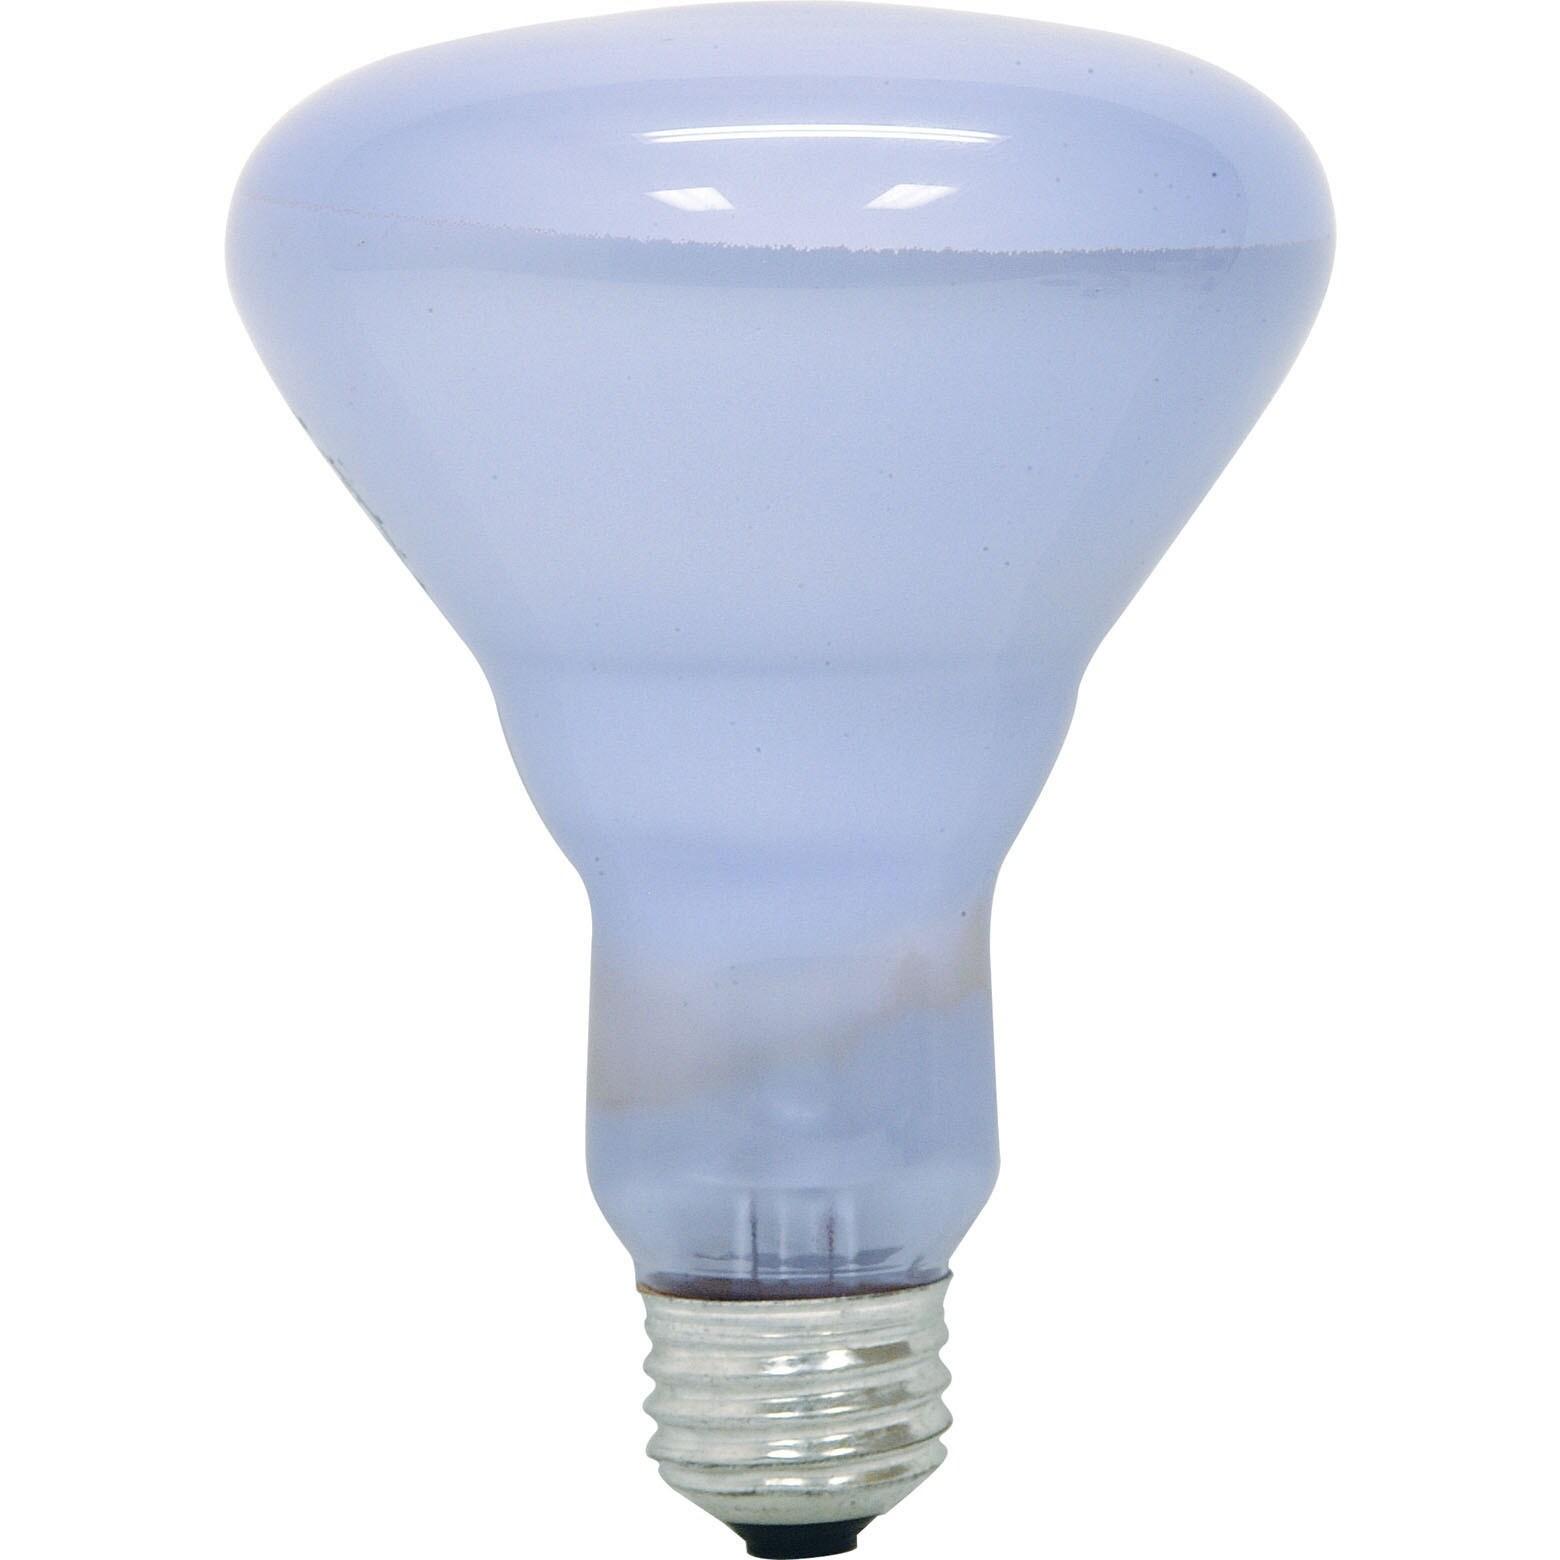 GE Lighting 87904 65 Watt BR40 Reveal Flood Light Bulb (L...